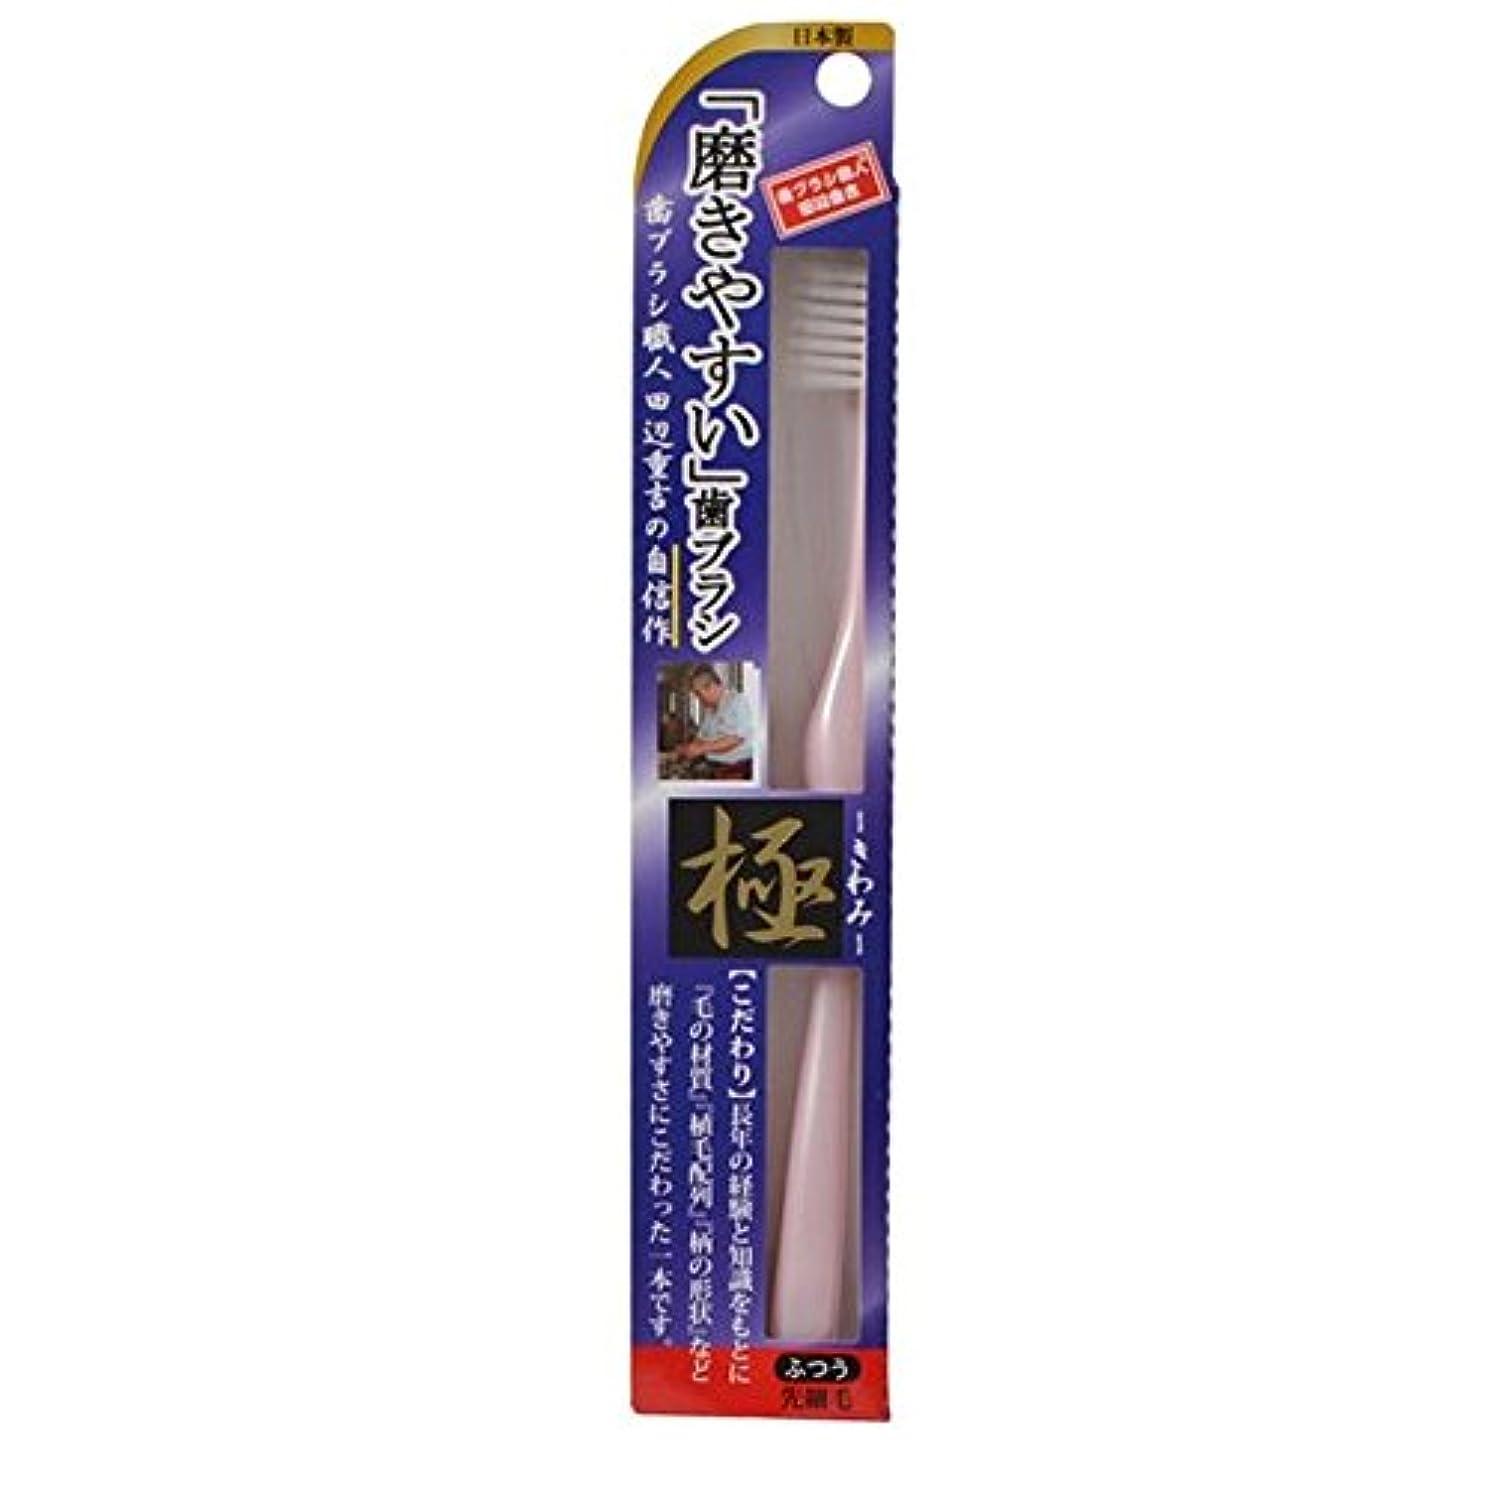 マチュピチュキャプテンブライ恐れ磨きやすい歯ブラシ極 LT-22